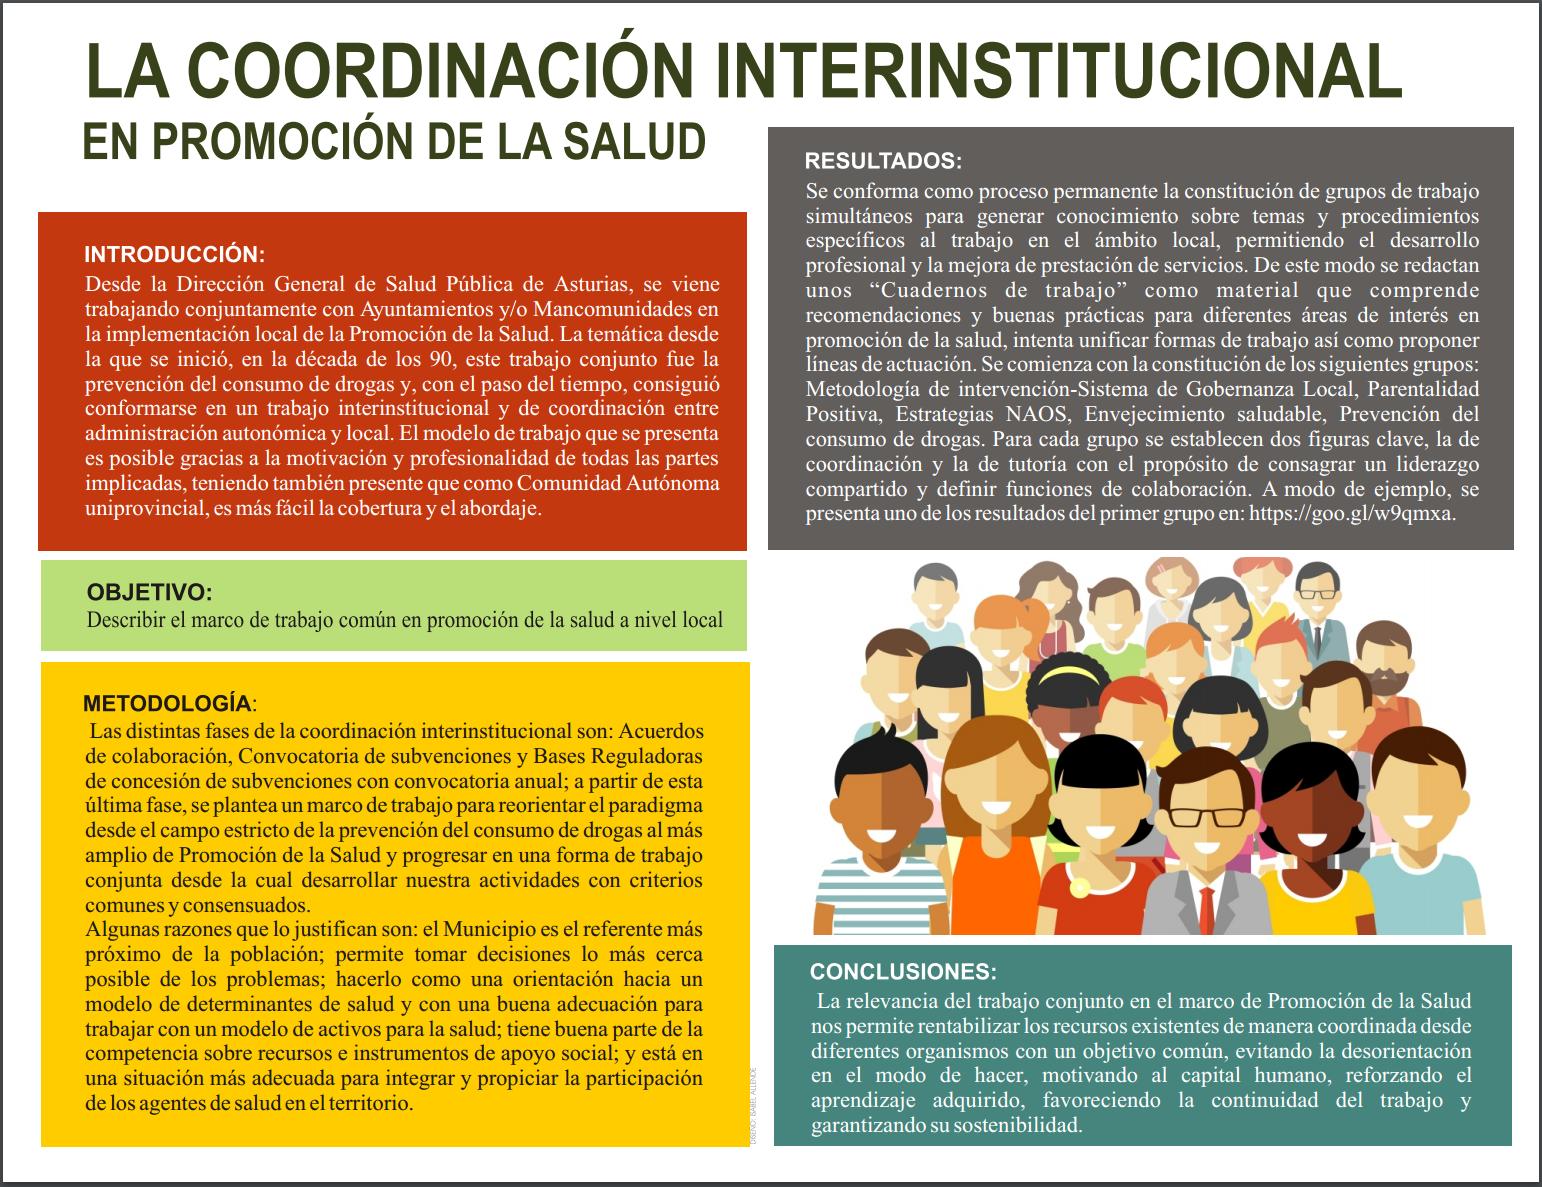 La coordinación interinstitucional en promoción de la salud